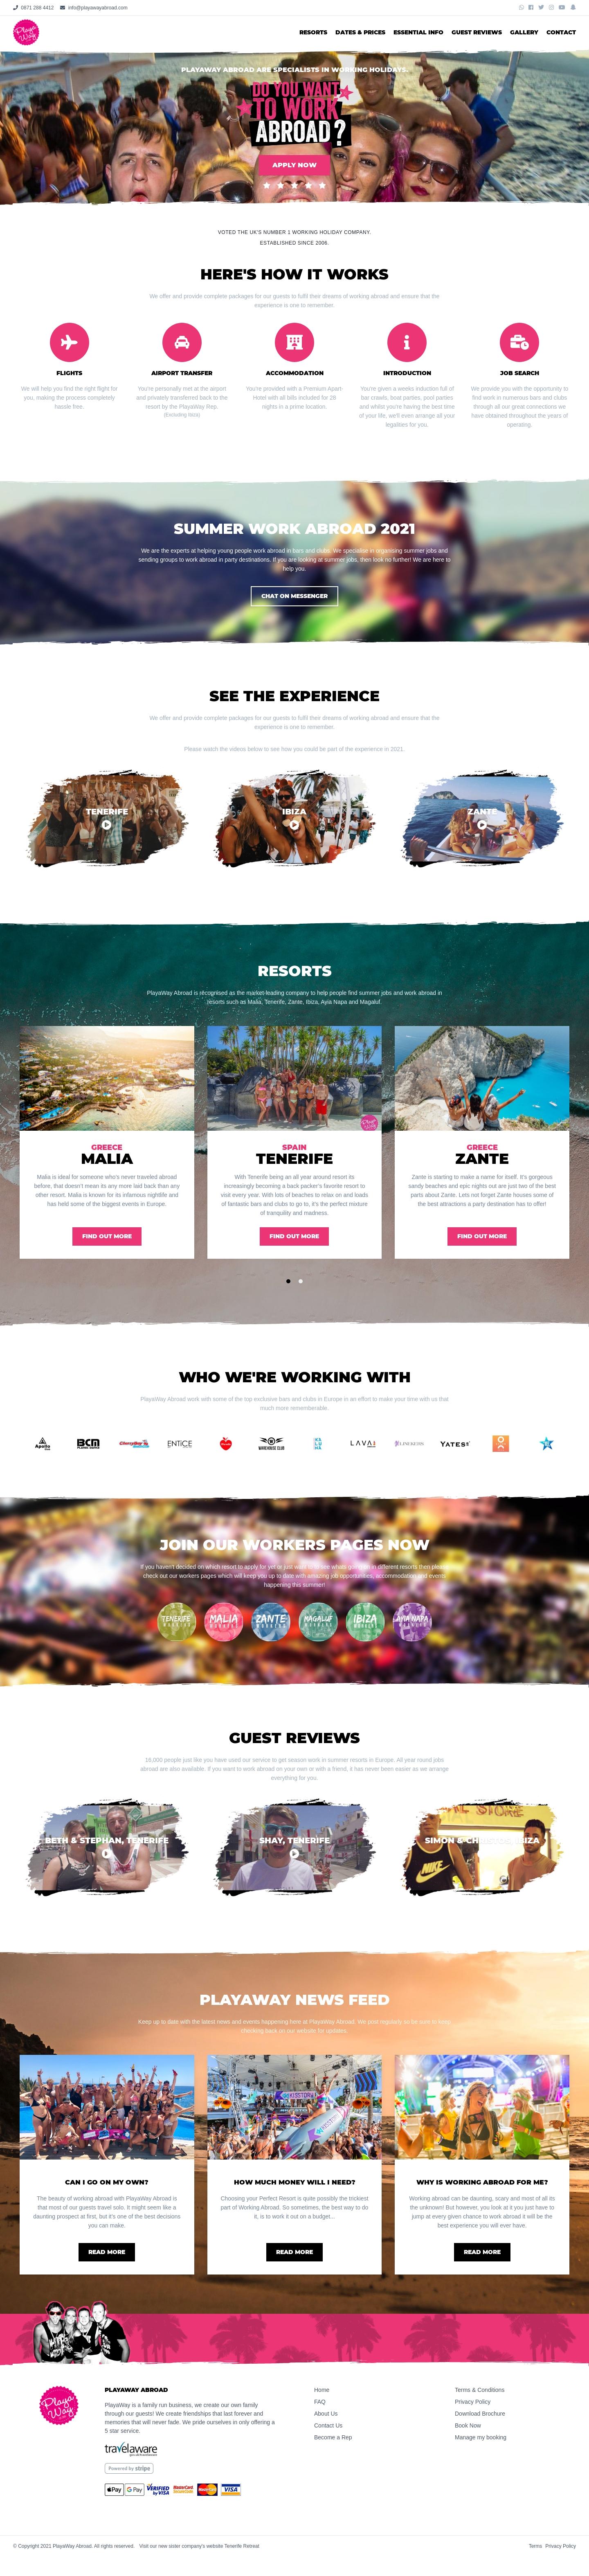 Website design South Yorkshire